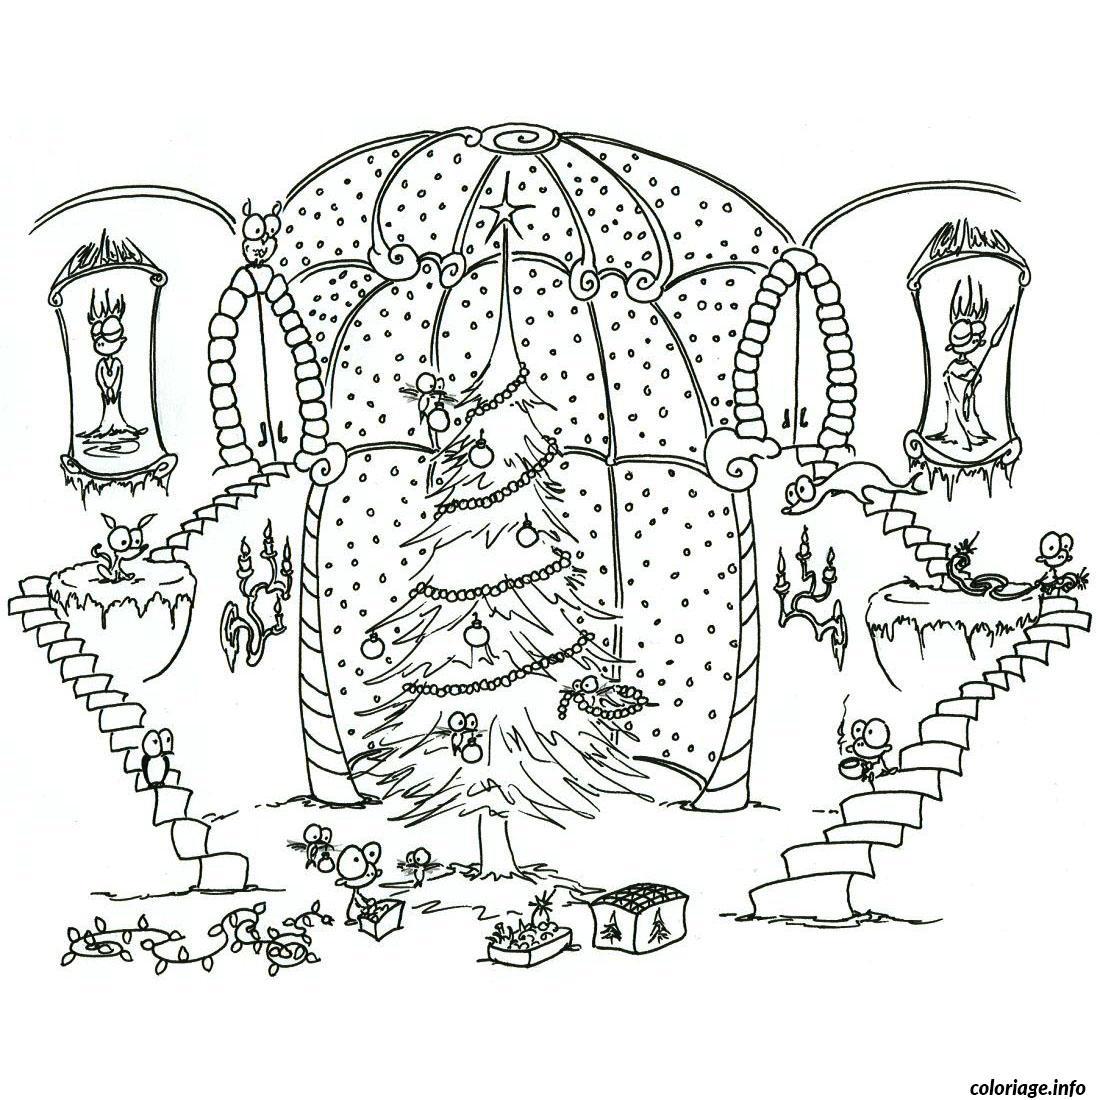 Coloriage arbre de noel dans verriere dessin - Arbre de noel dessin ...